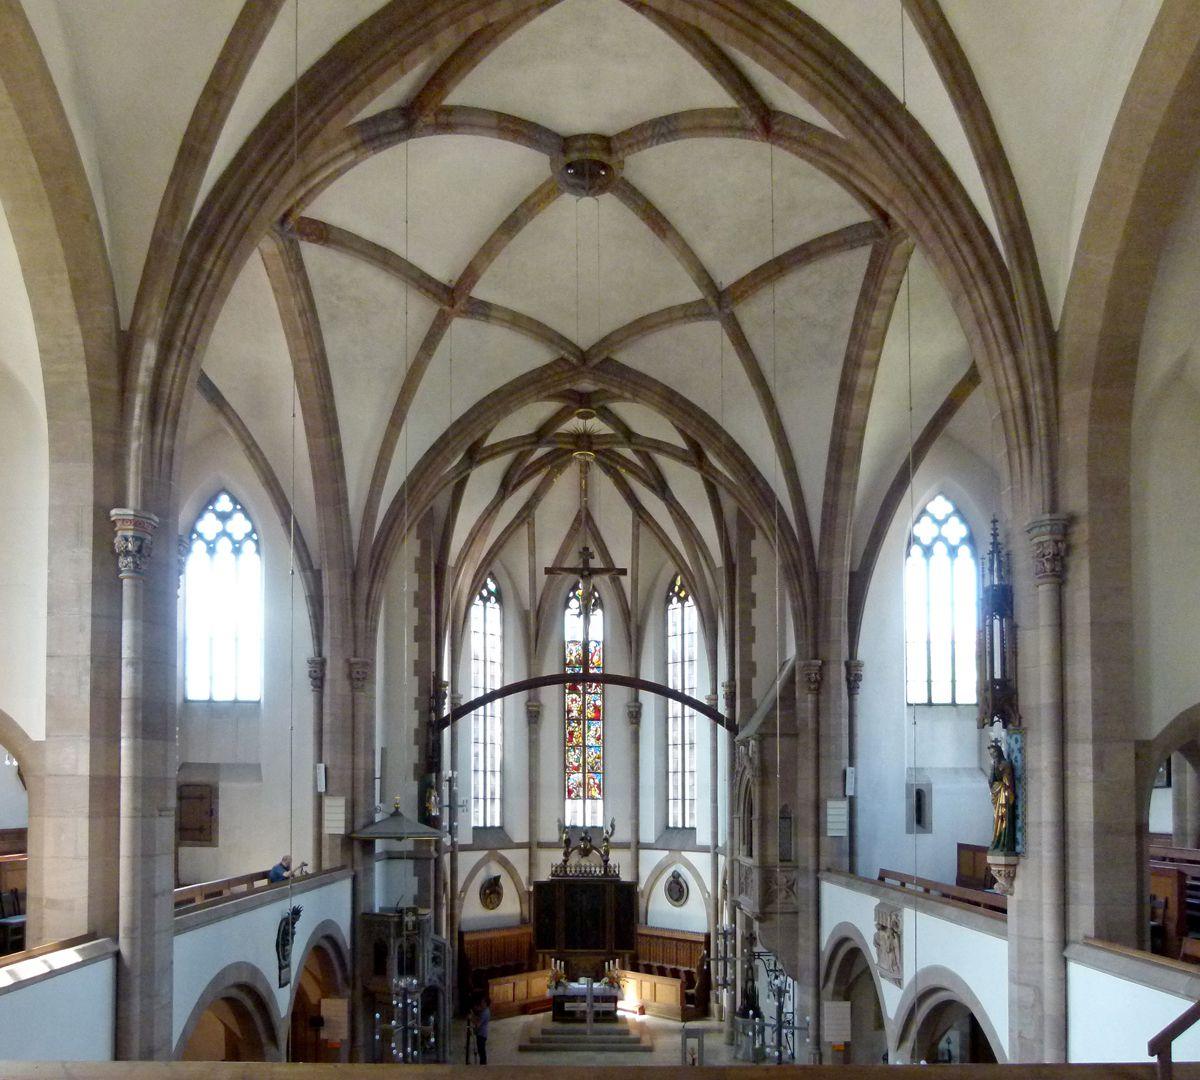 St. Peter Innenraum, Blick von O nach W mit Gewölbe